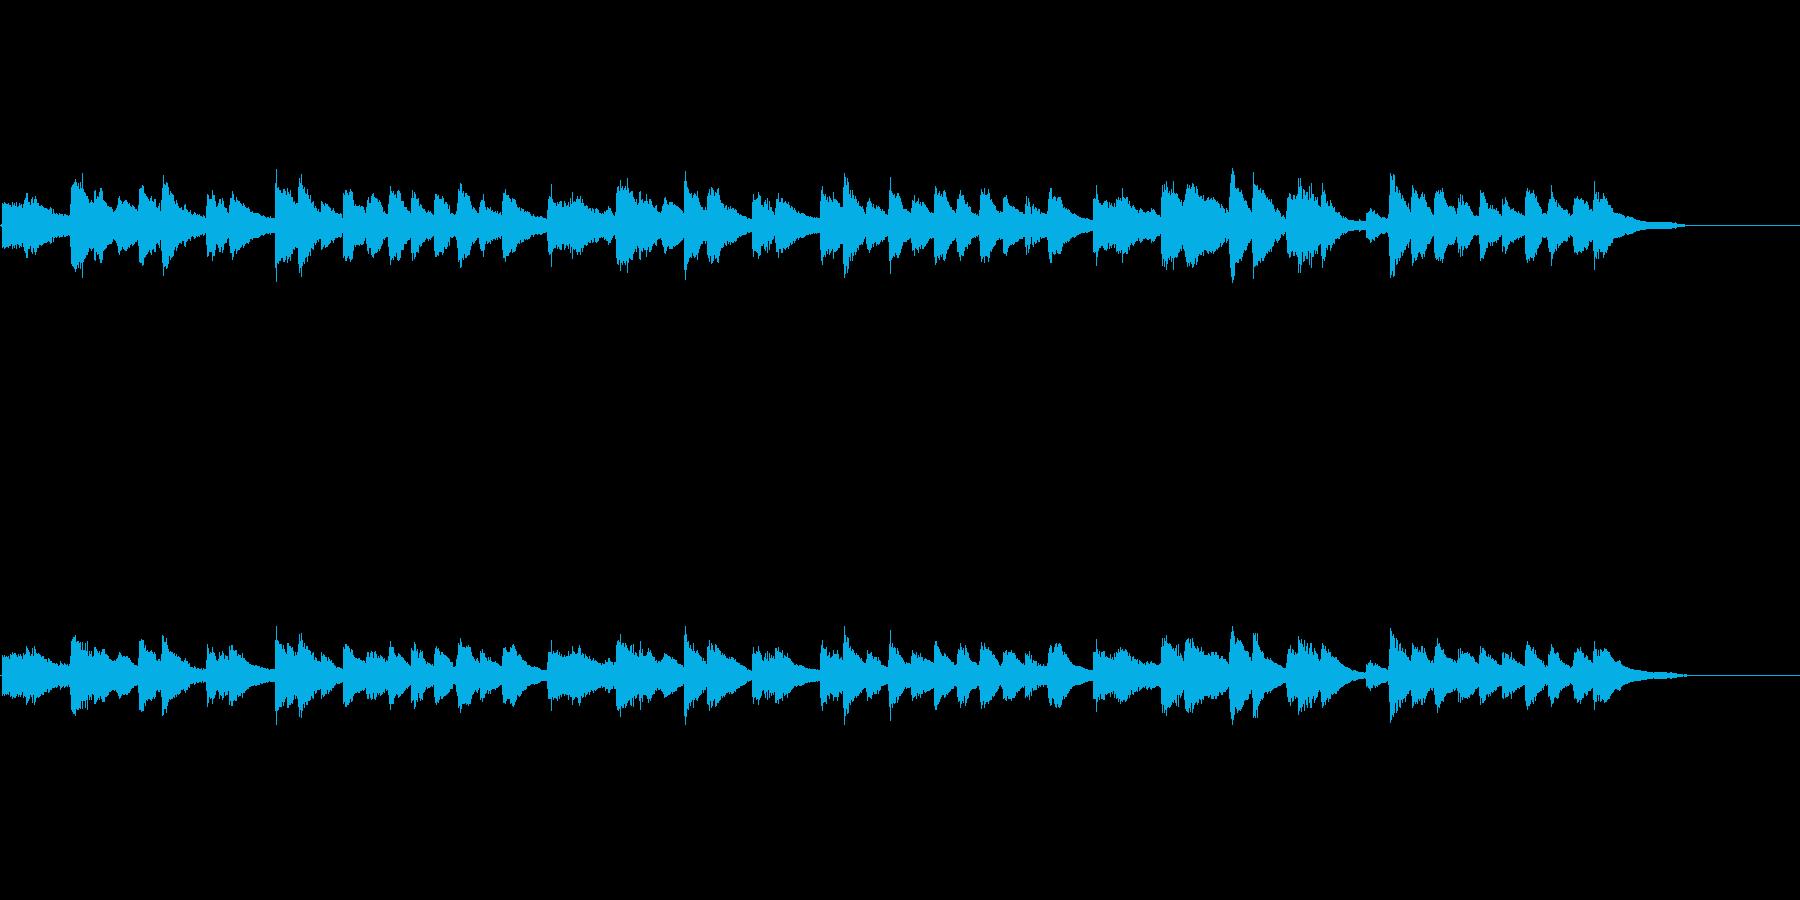 ヴィンテージピアノ モノラルの再生済みの波形